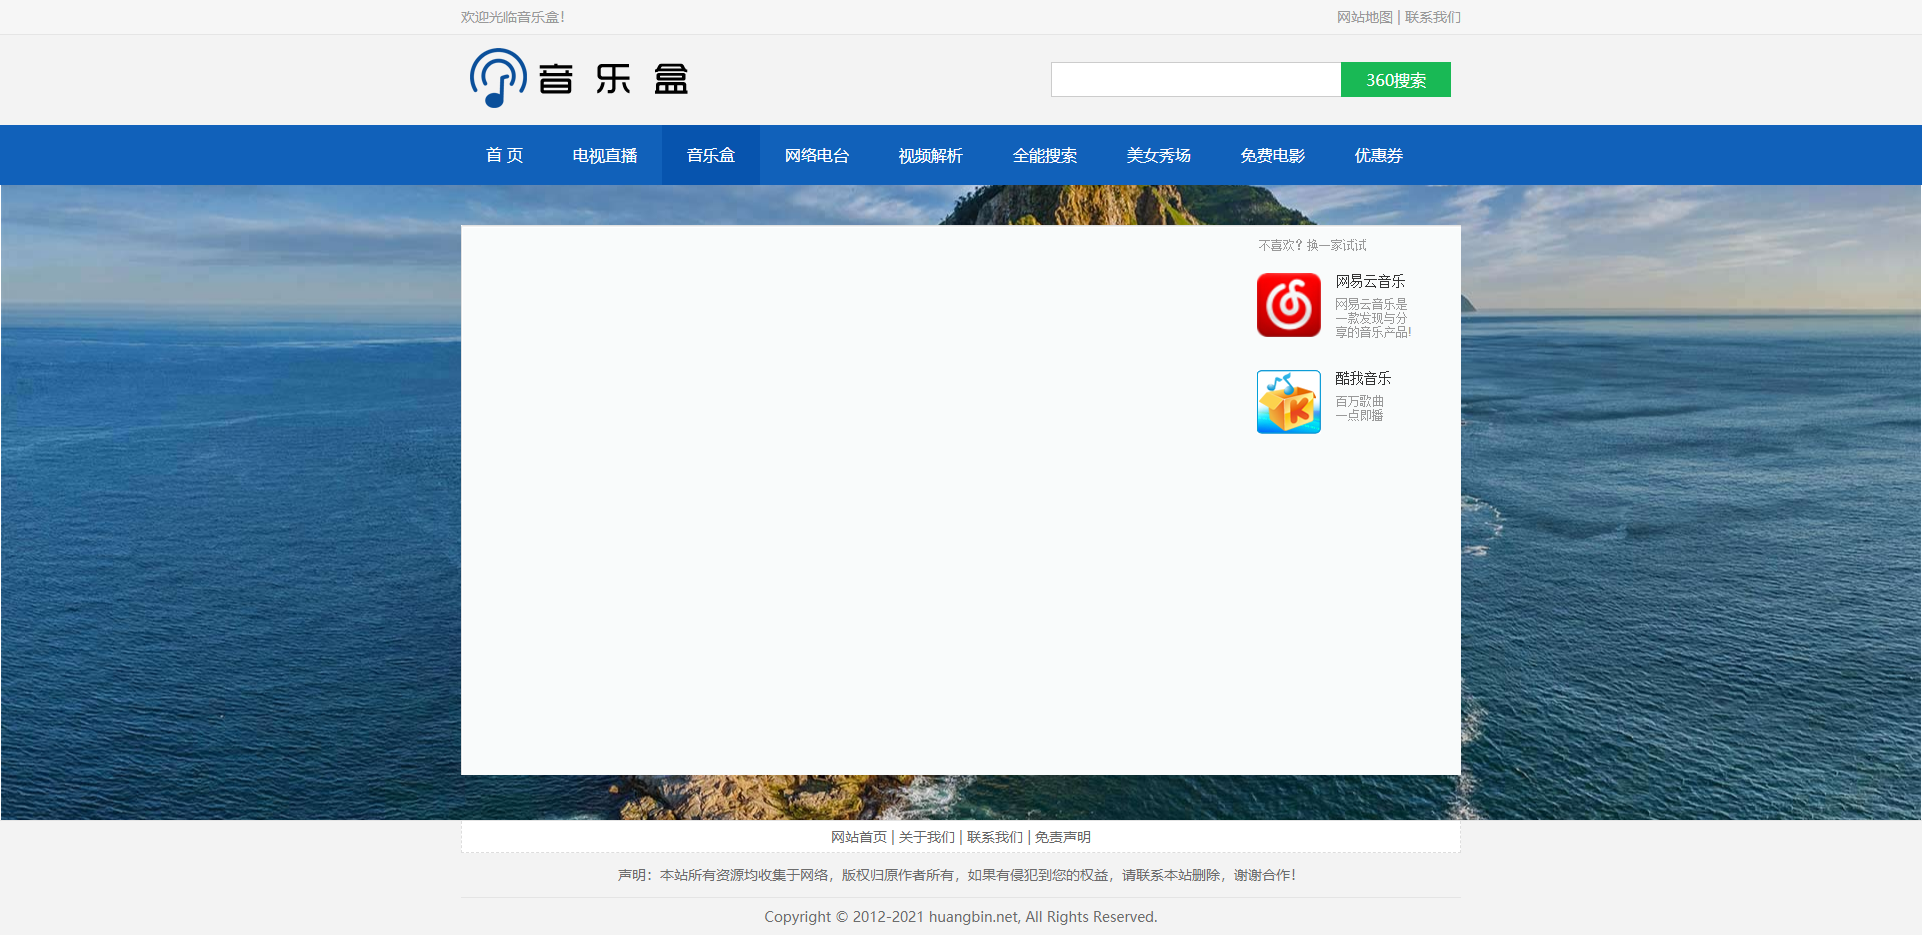 亲测丨免安装 全站HTML电视直播源码2.0源码下载 集电视直播电影音乐于一体的在线播放网站源码